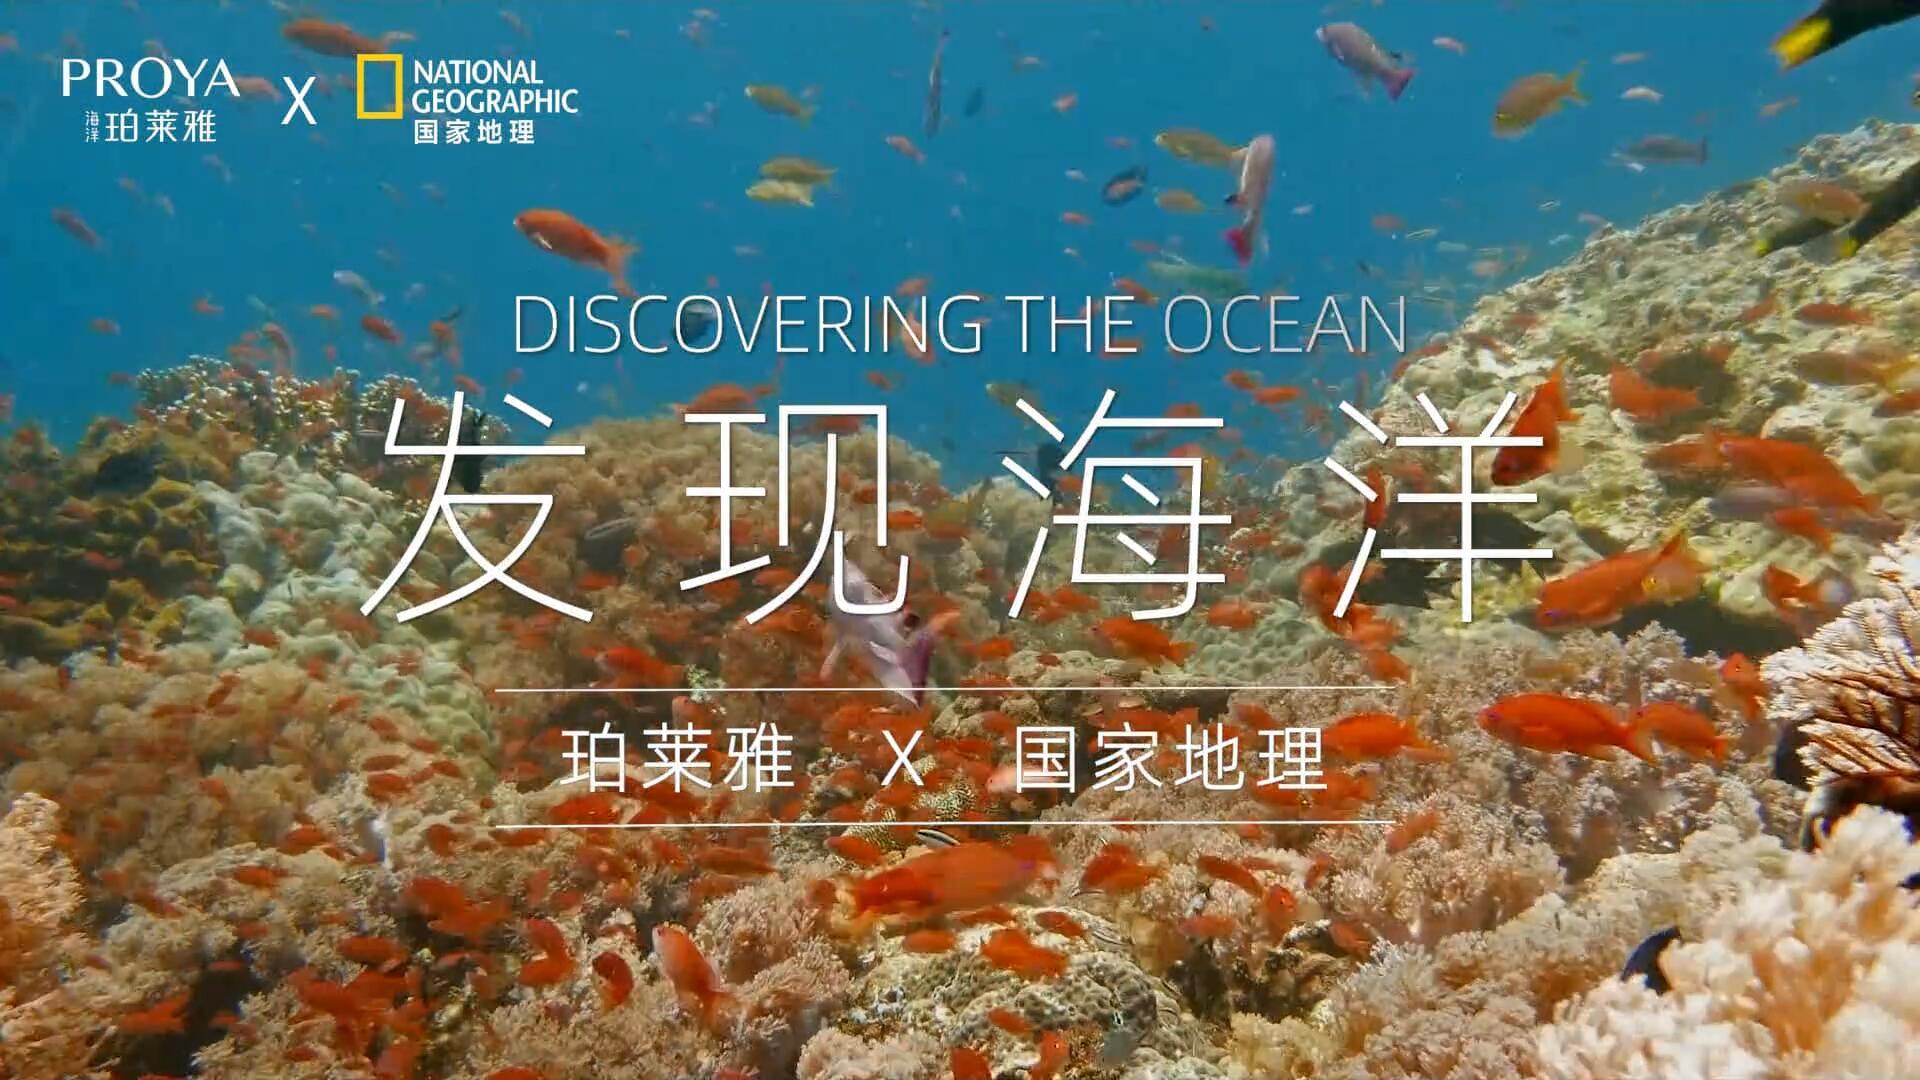 海洋珀莱雅X《国家地理》世界海洋日高清版